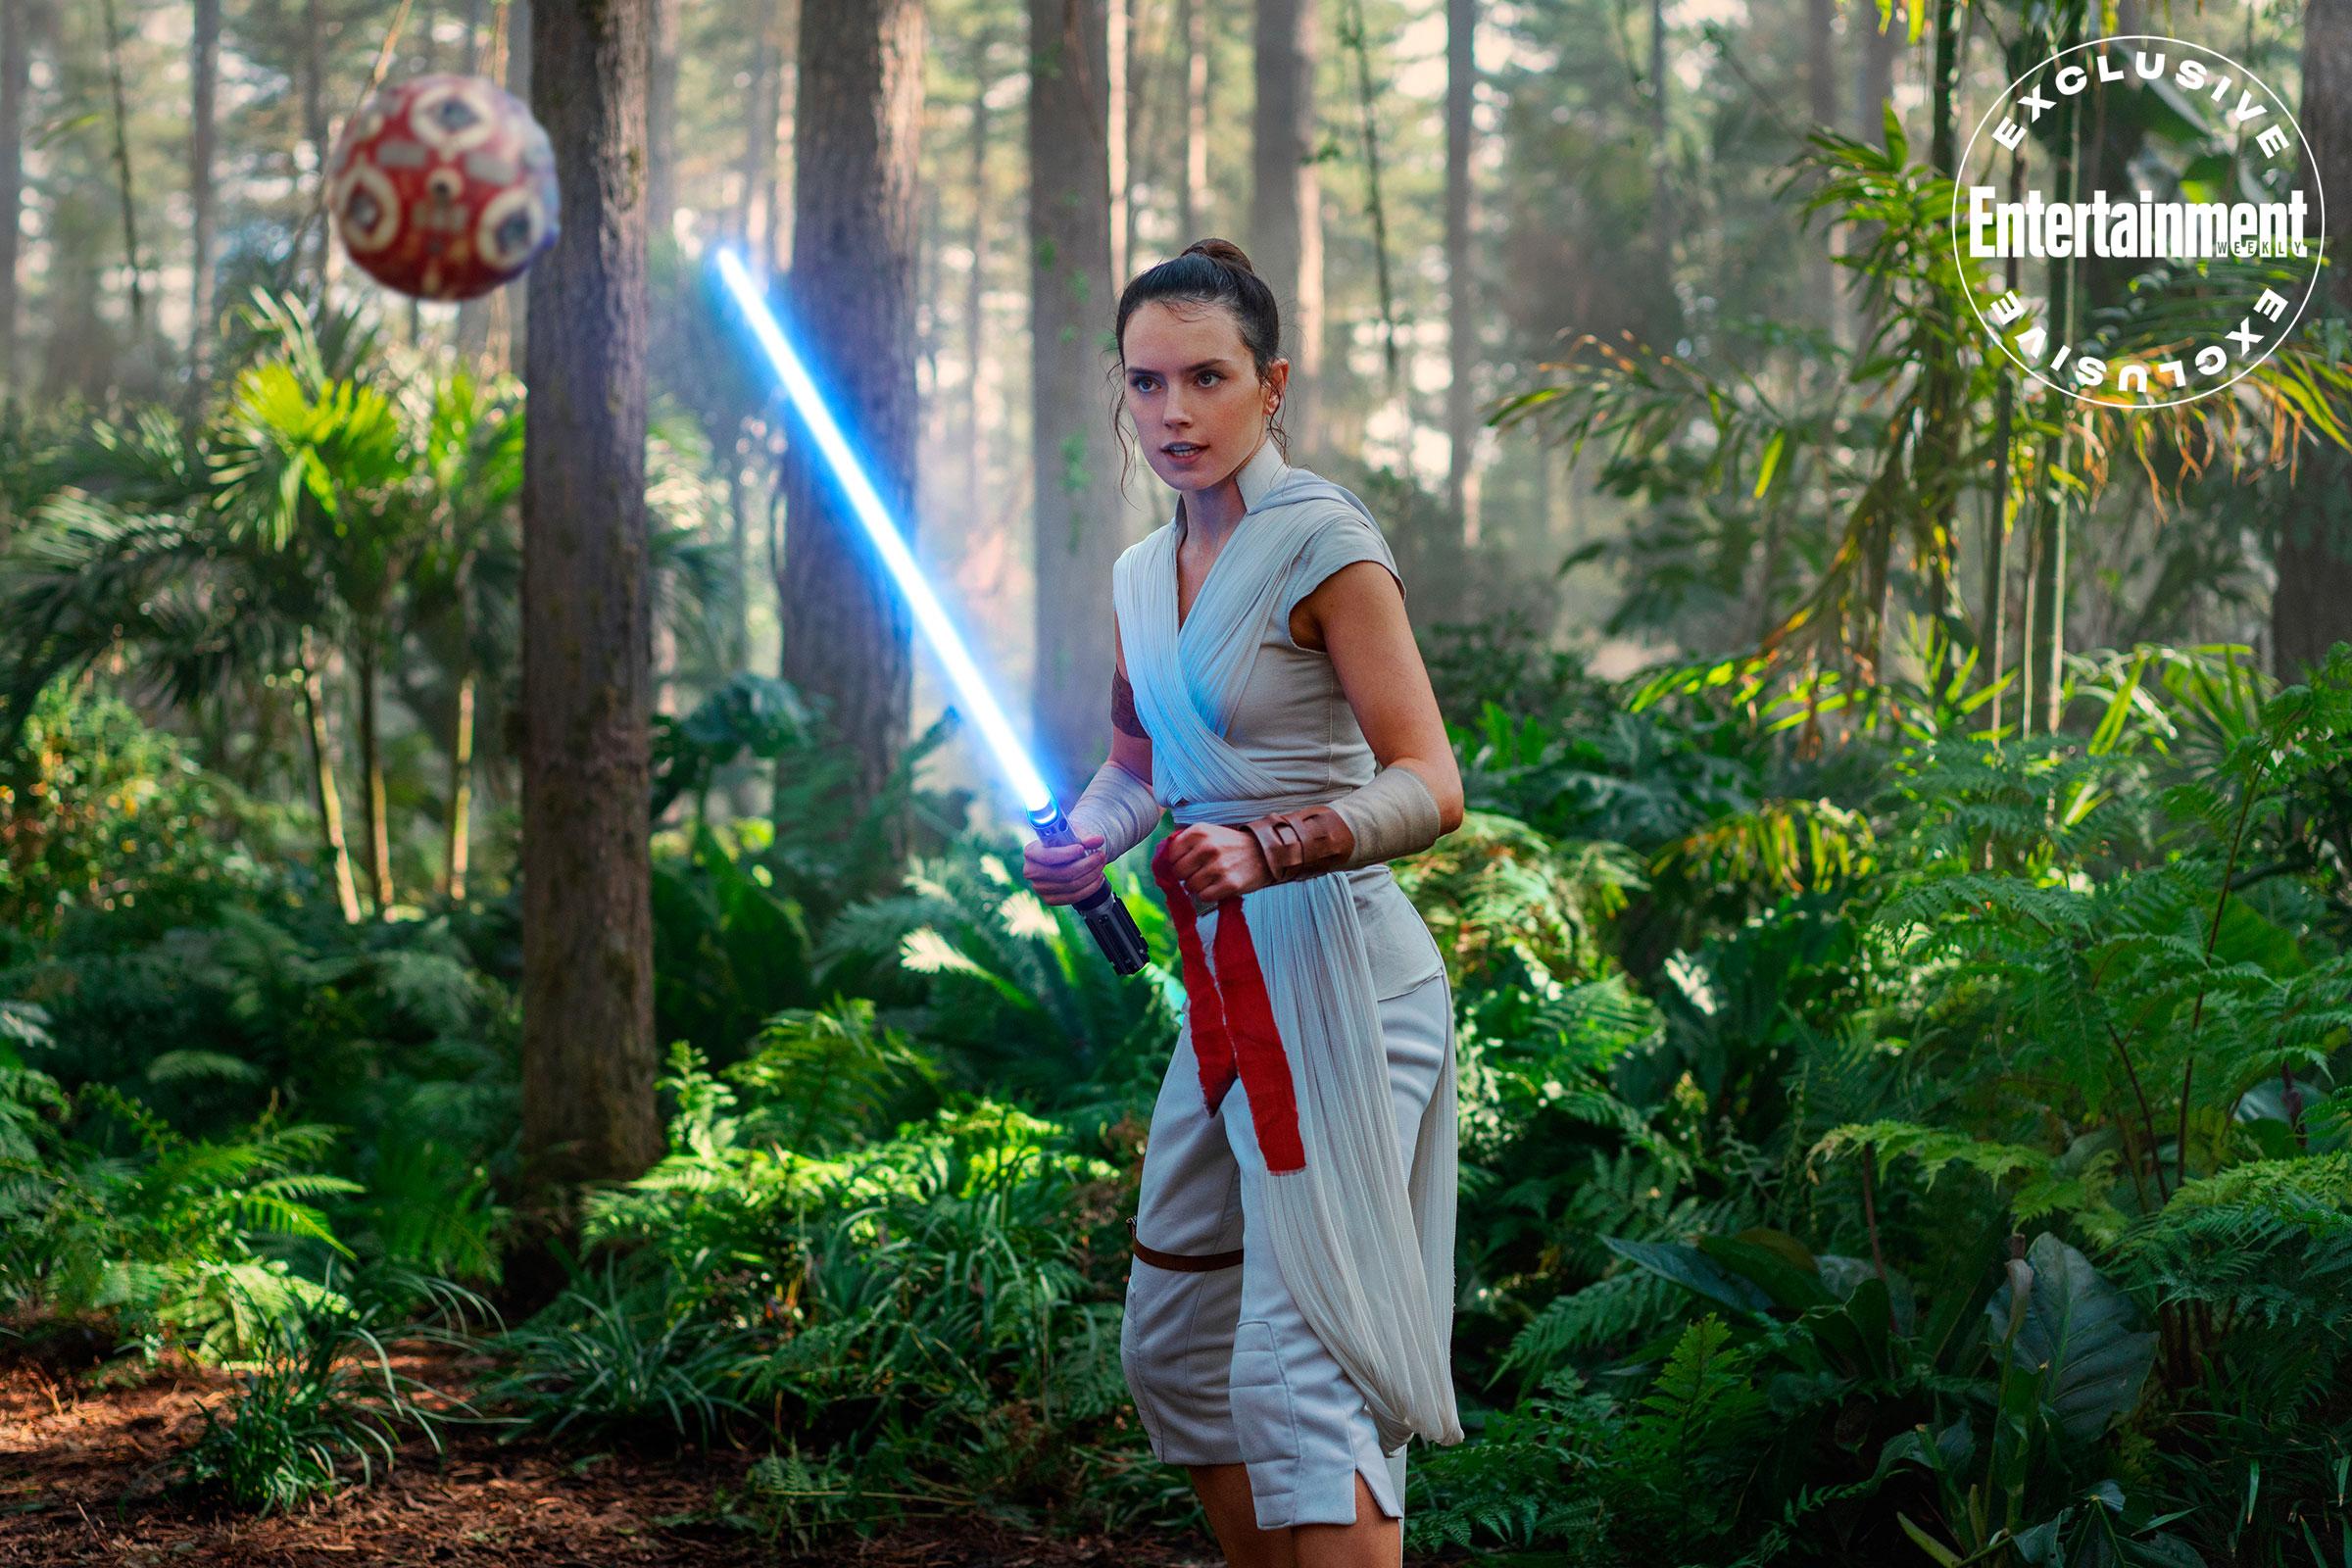 Le prochain film Star Wars devrait être annoncé en Janvier 2020